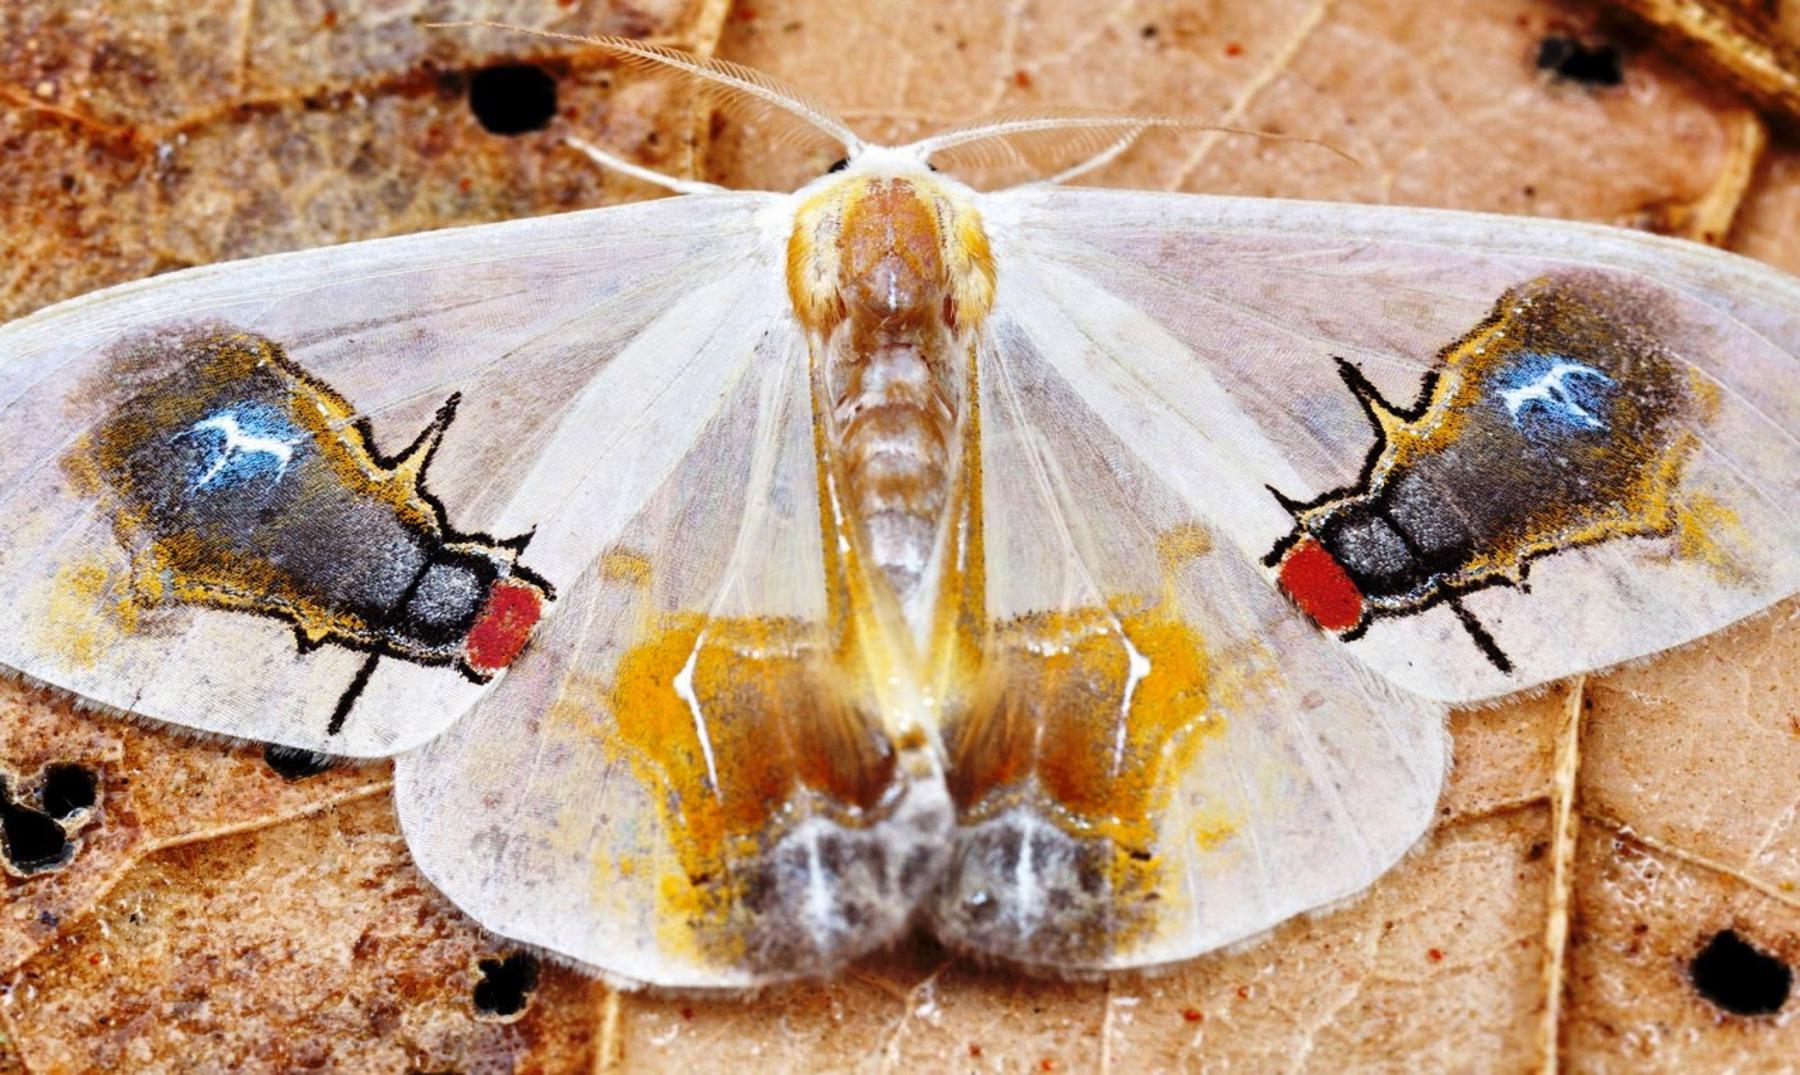 Macrocilix maia polilla con una escena en su cuerpo